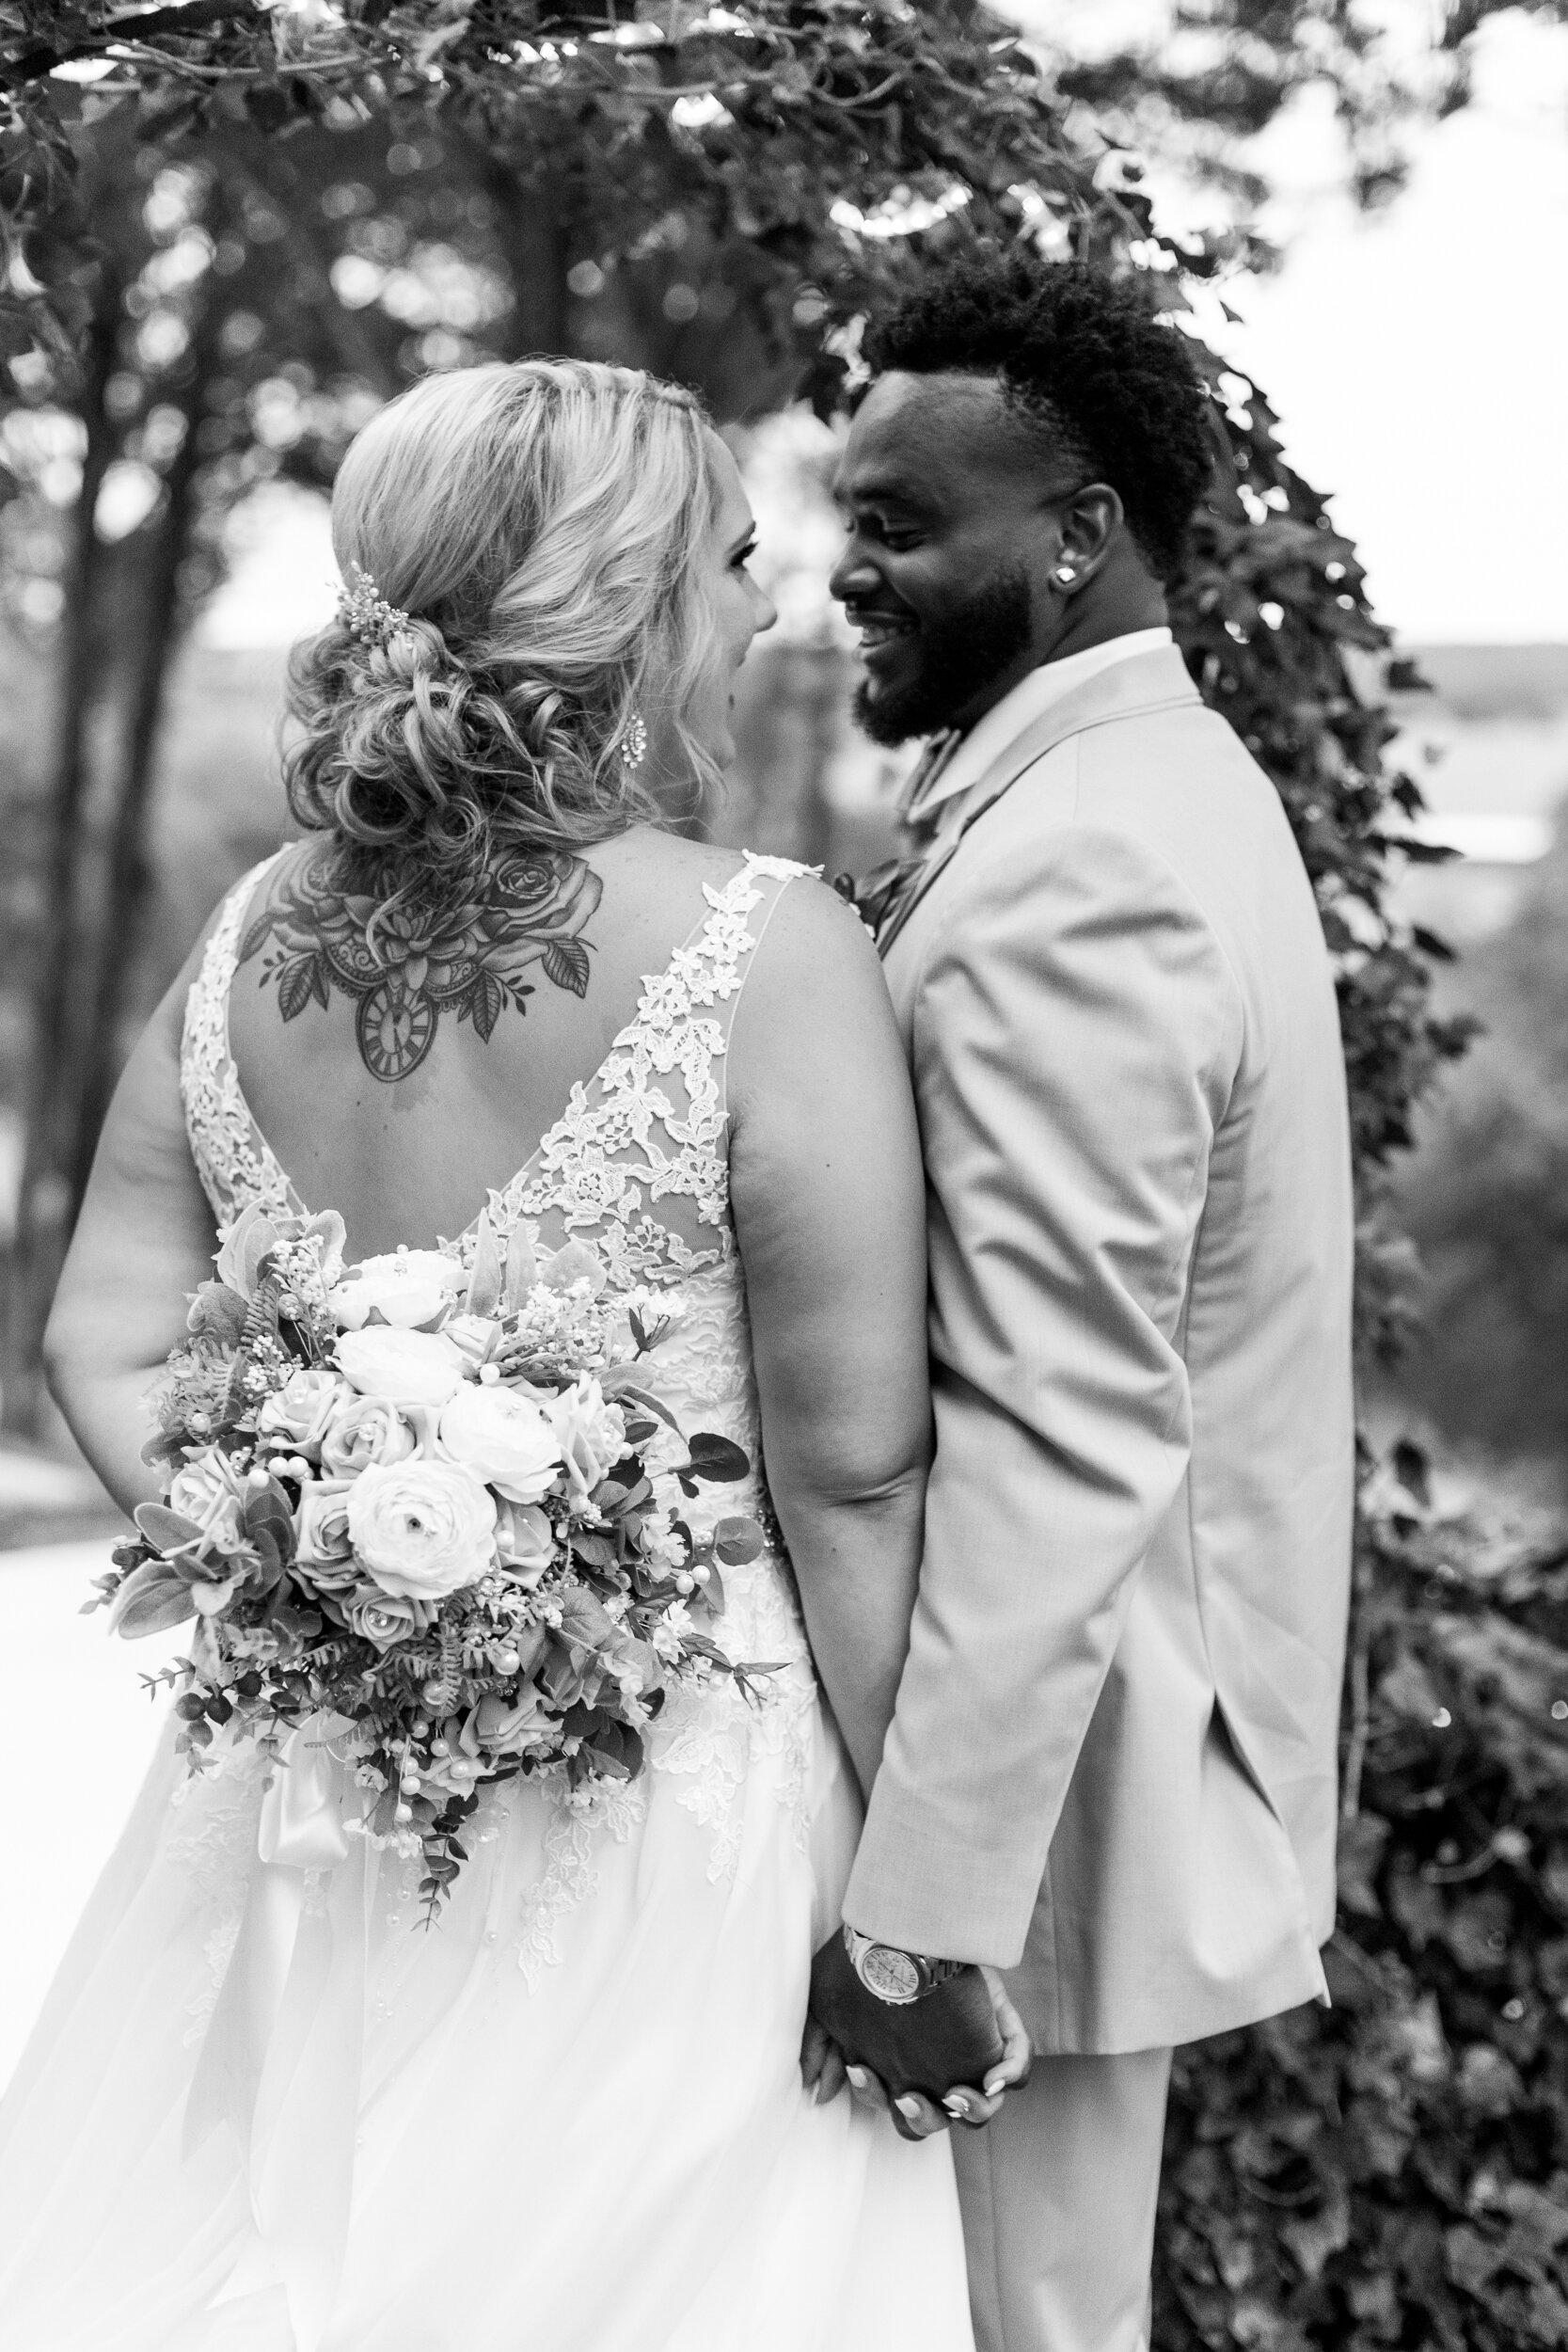 Emanuel-Wedding_kelsiehendricksphotography-73.jpg